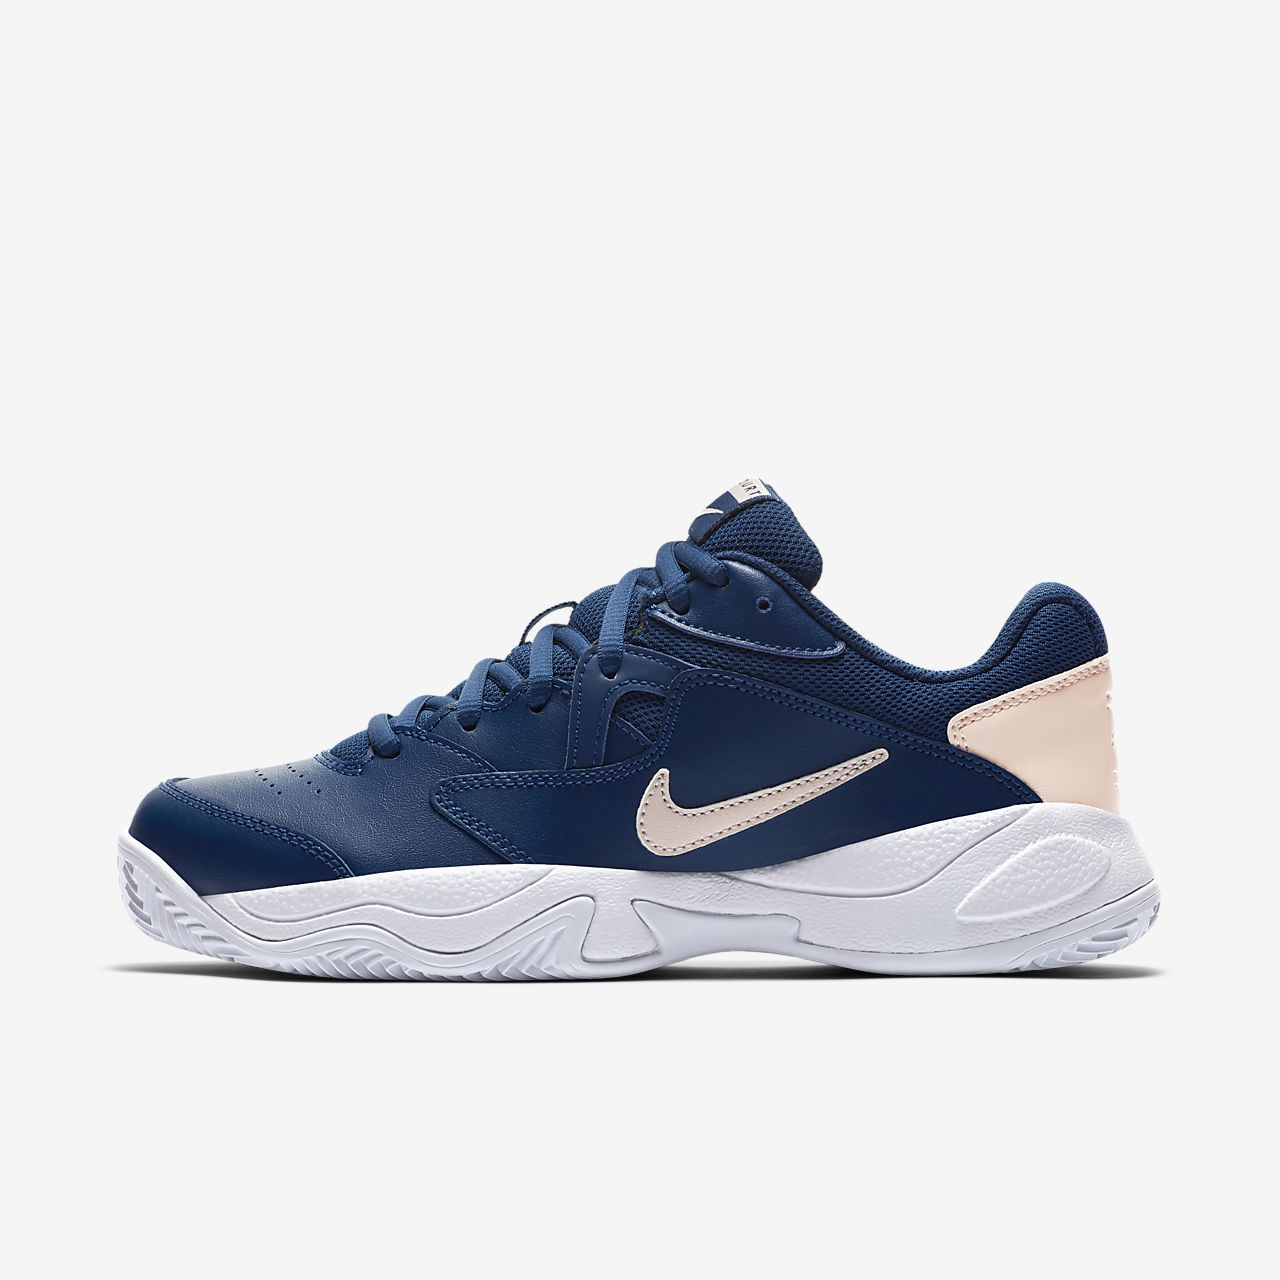 Женские теннисные кроссовки для грунтовых кортов NikeCourt Lite 2